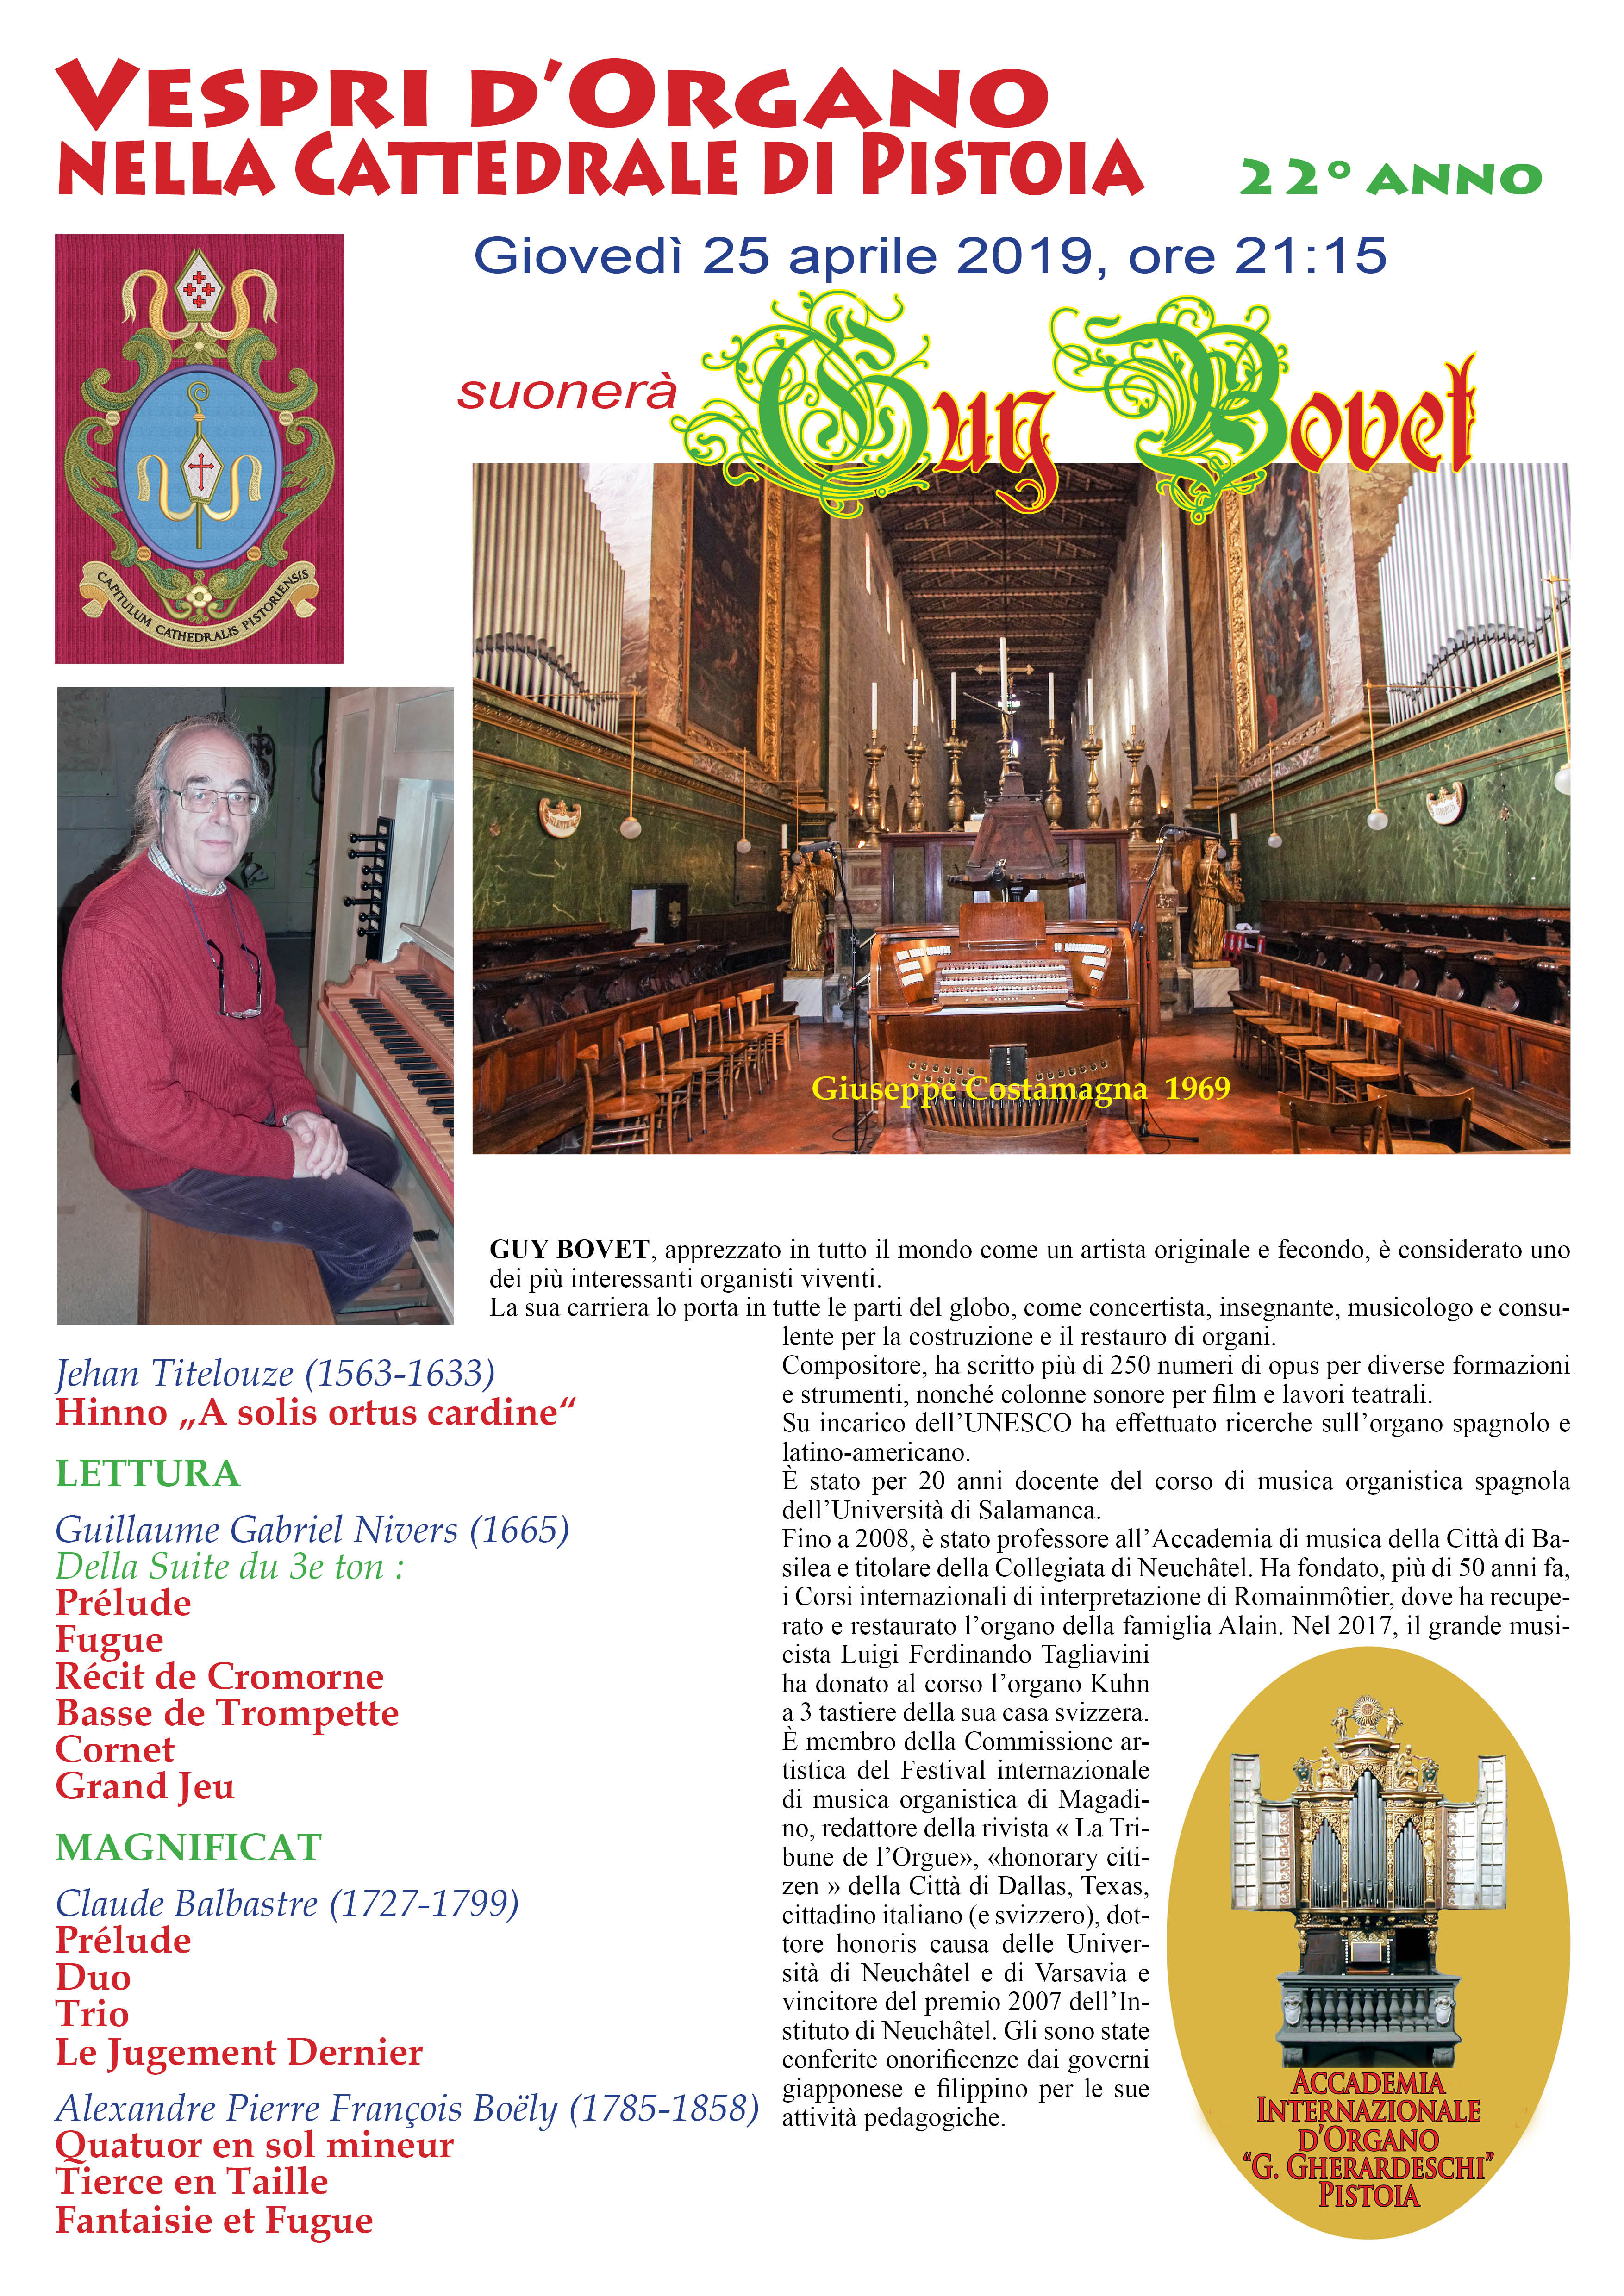 Vespro d'Organo @ Cattedrale di San Zeno